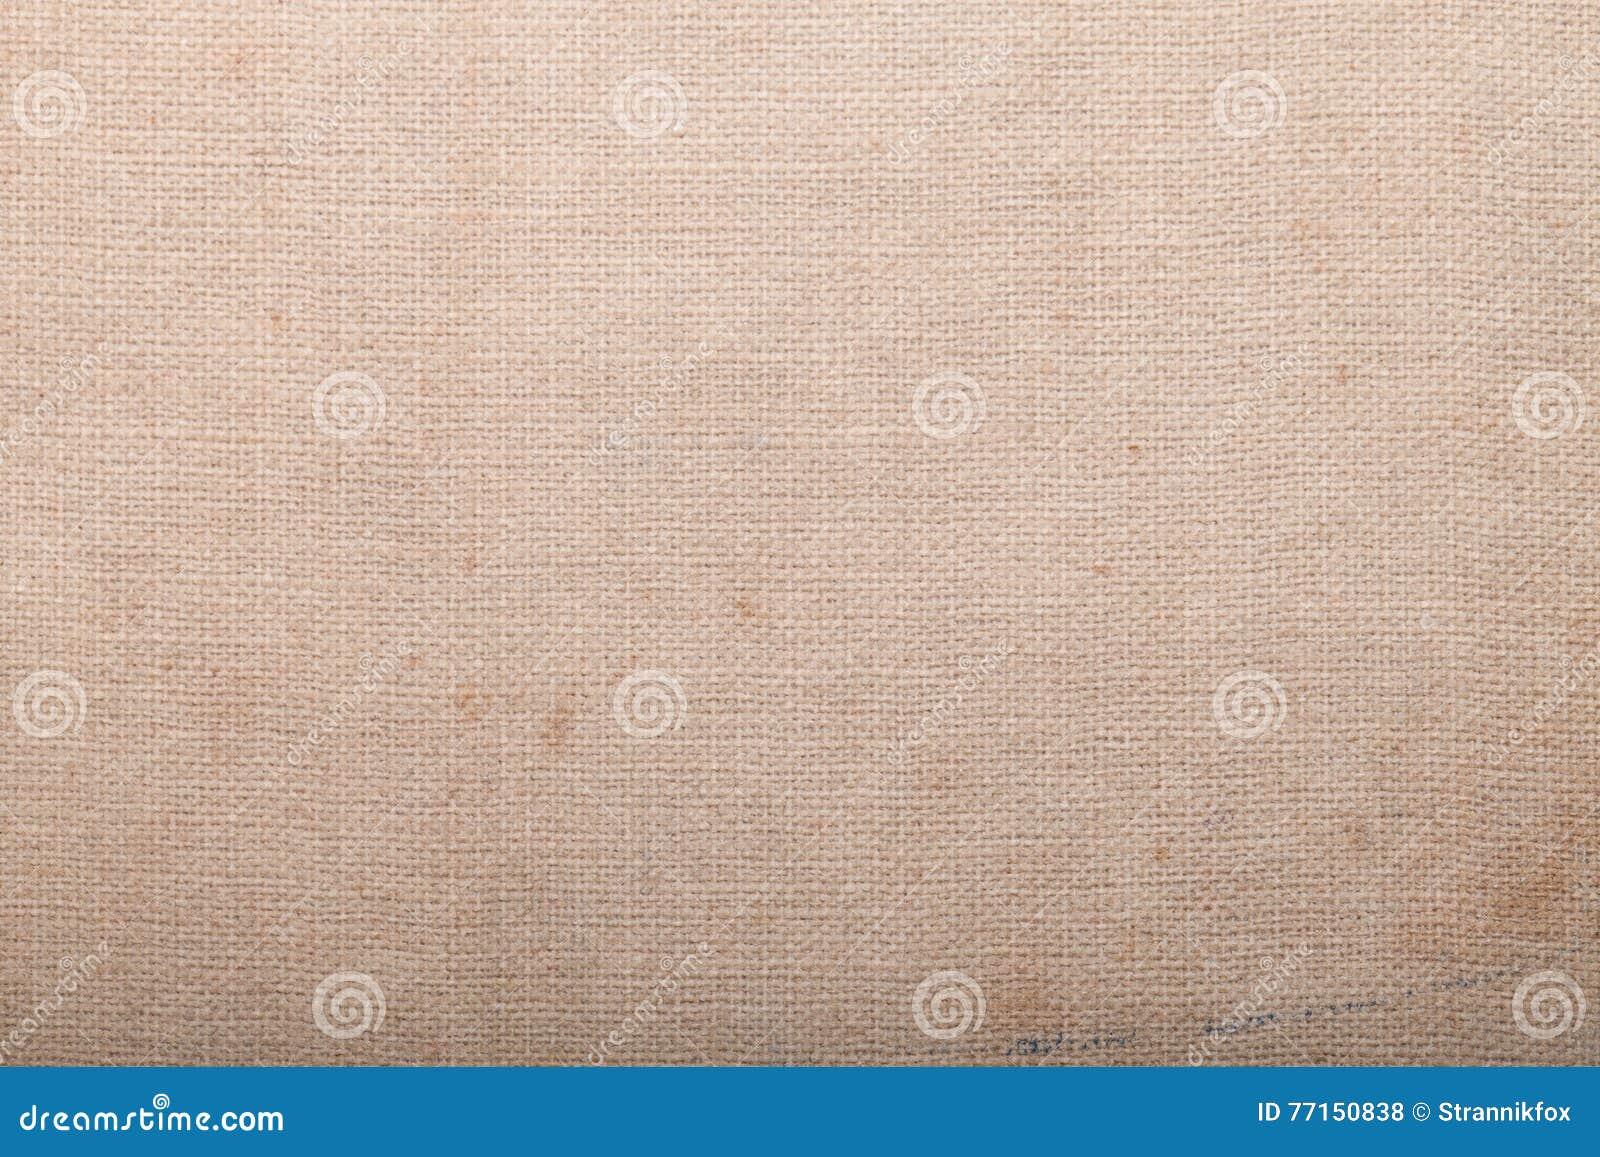 Surface de vieux tissu sale pour le fond texturisé